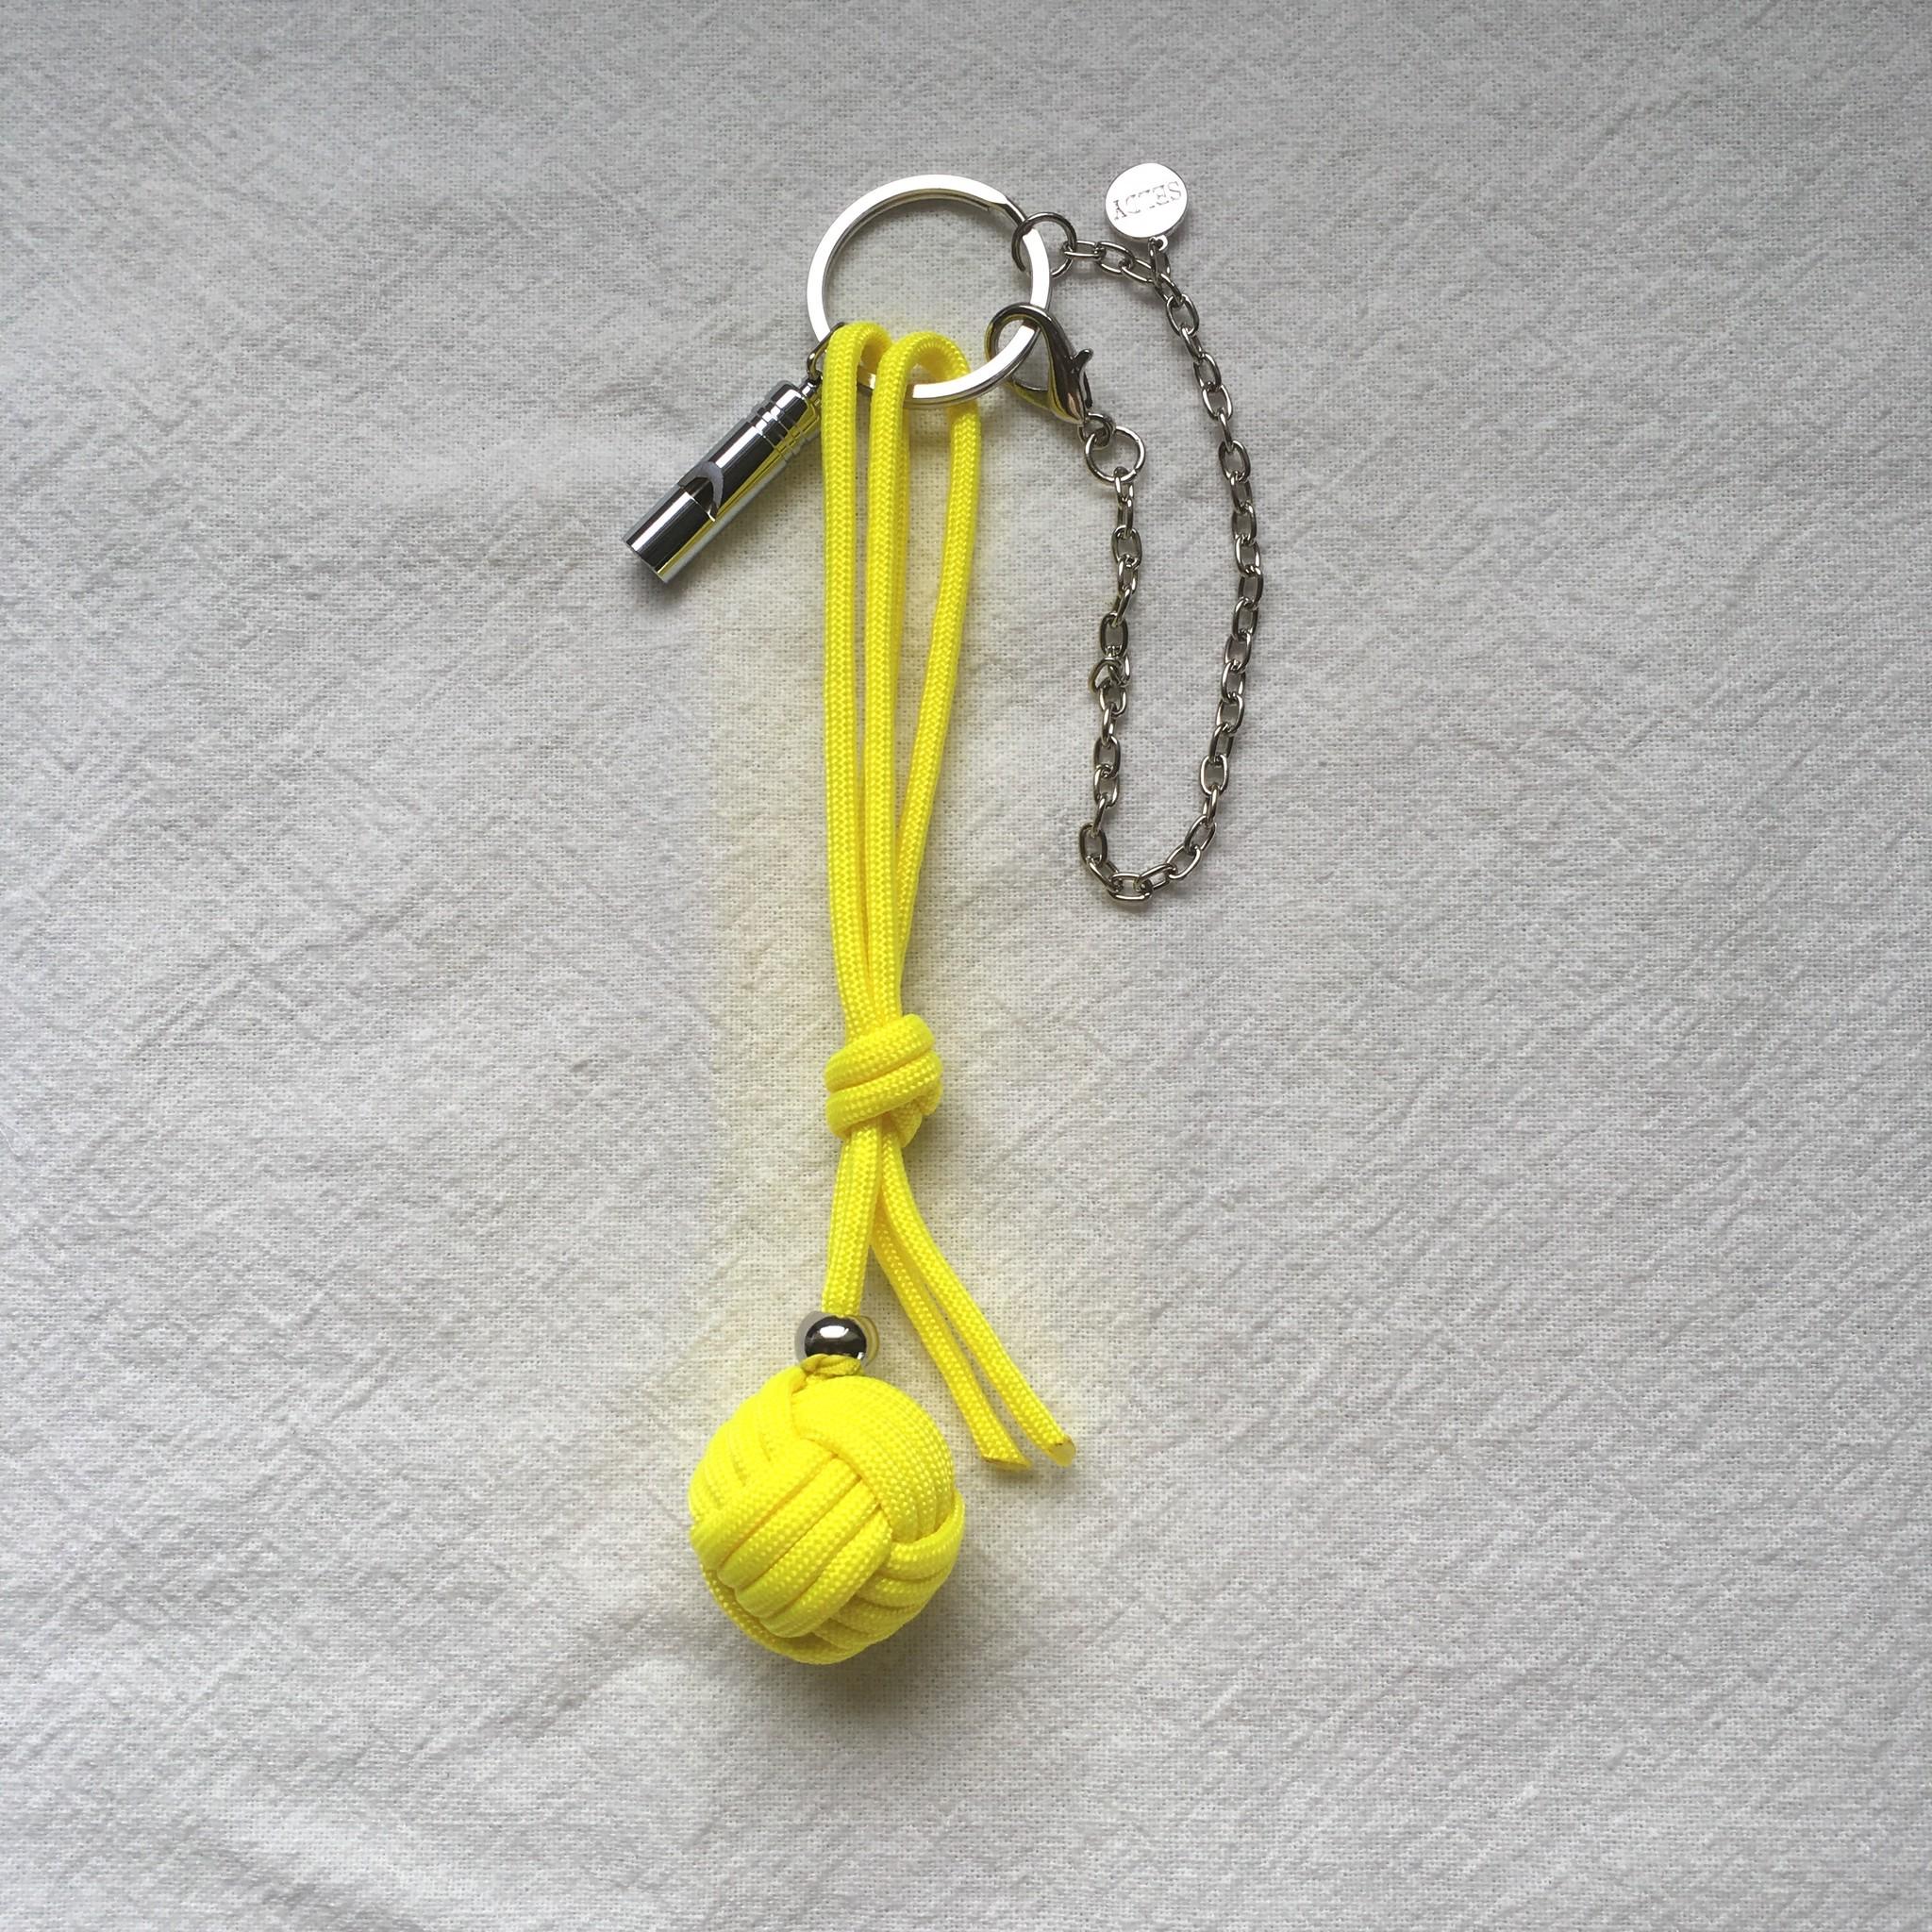 プロテクトチャーム 伸縮部分の結び方